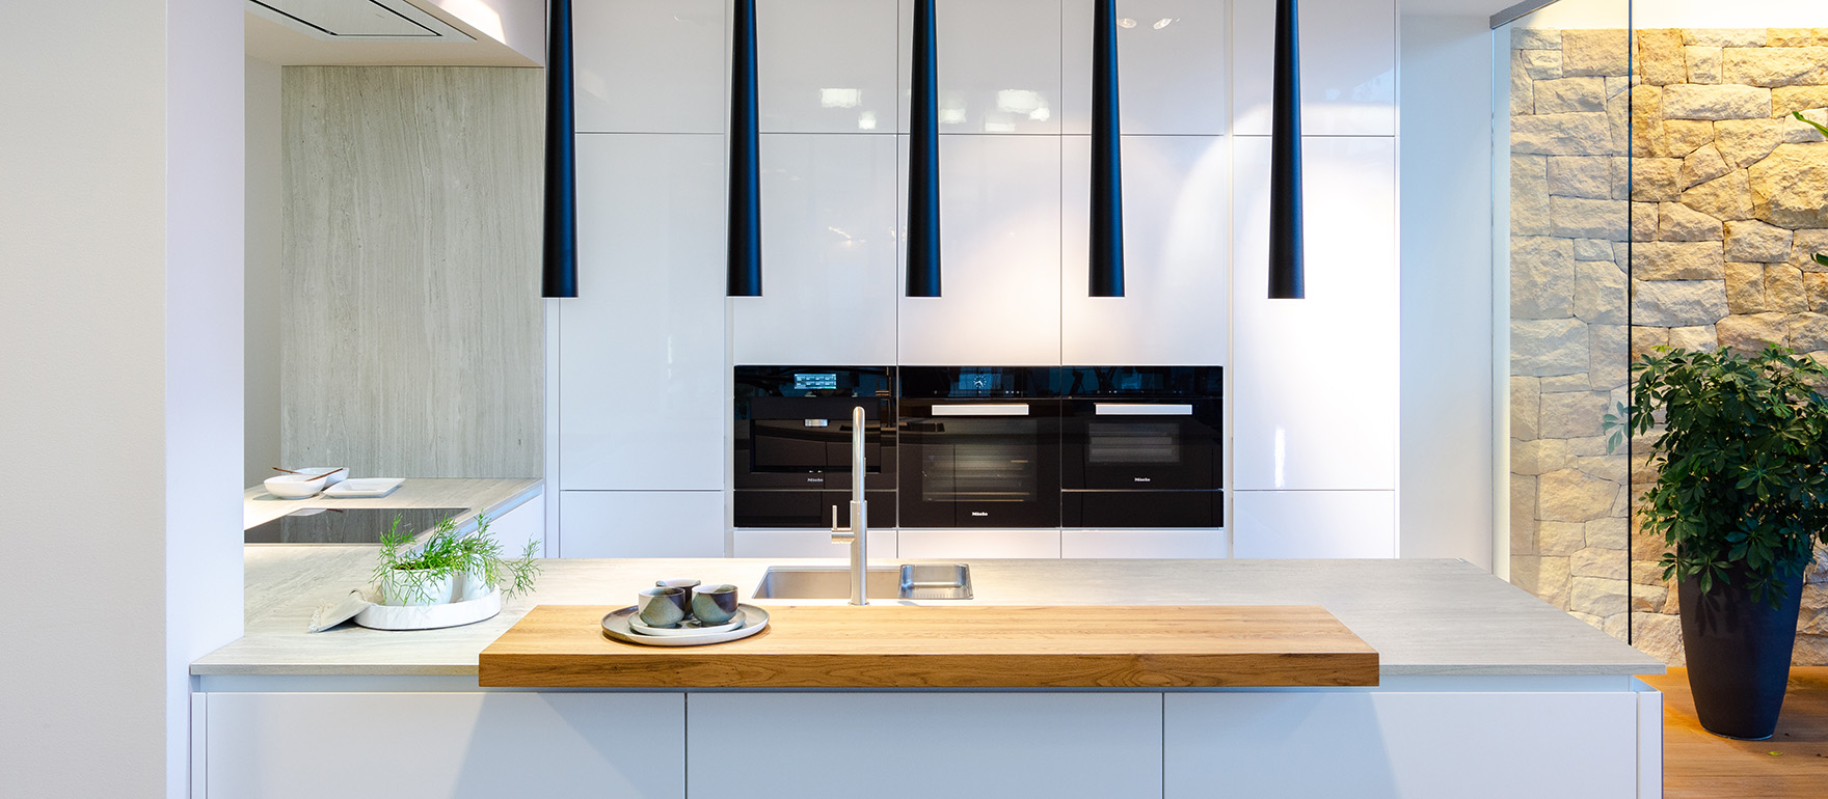 moderne-kuchynske-keramicke-dosky.jpg